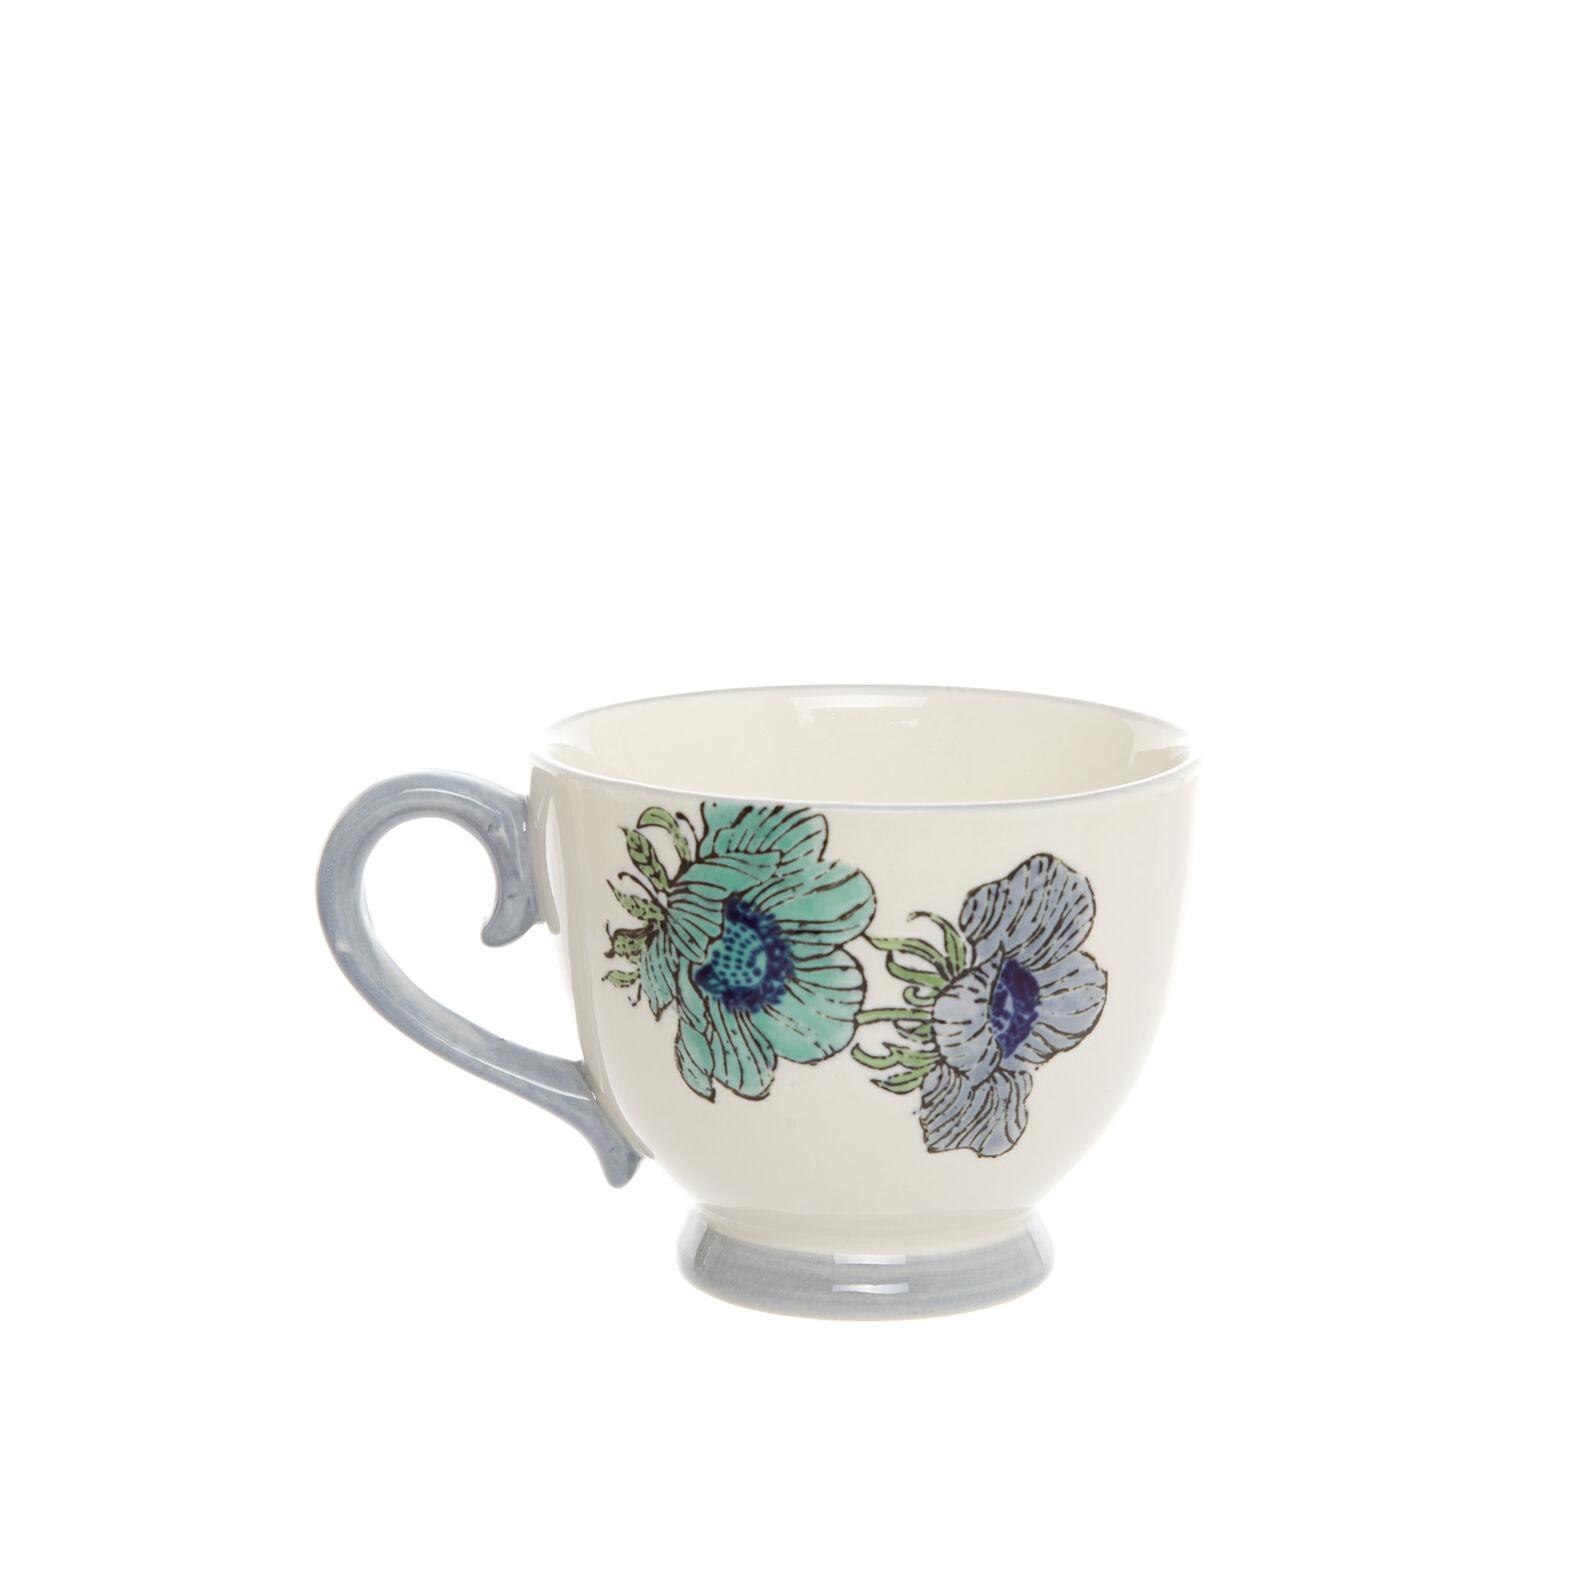 Tazza colazione ceramica decoro floreale